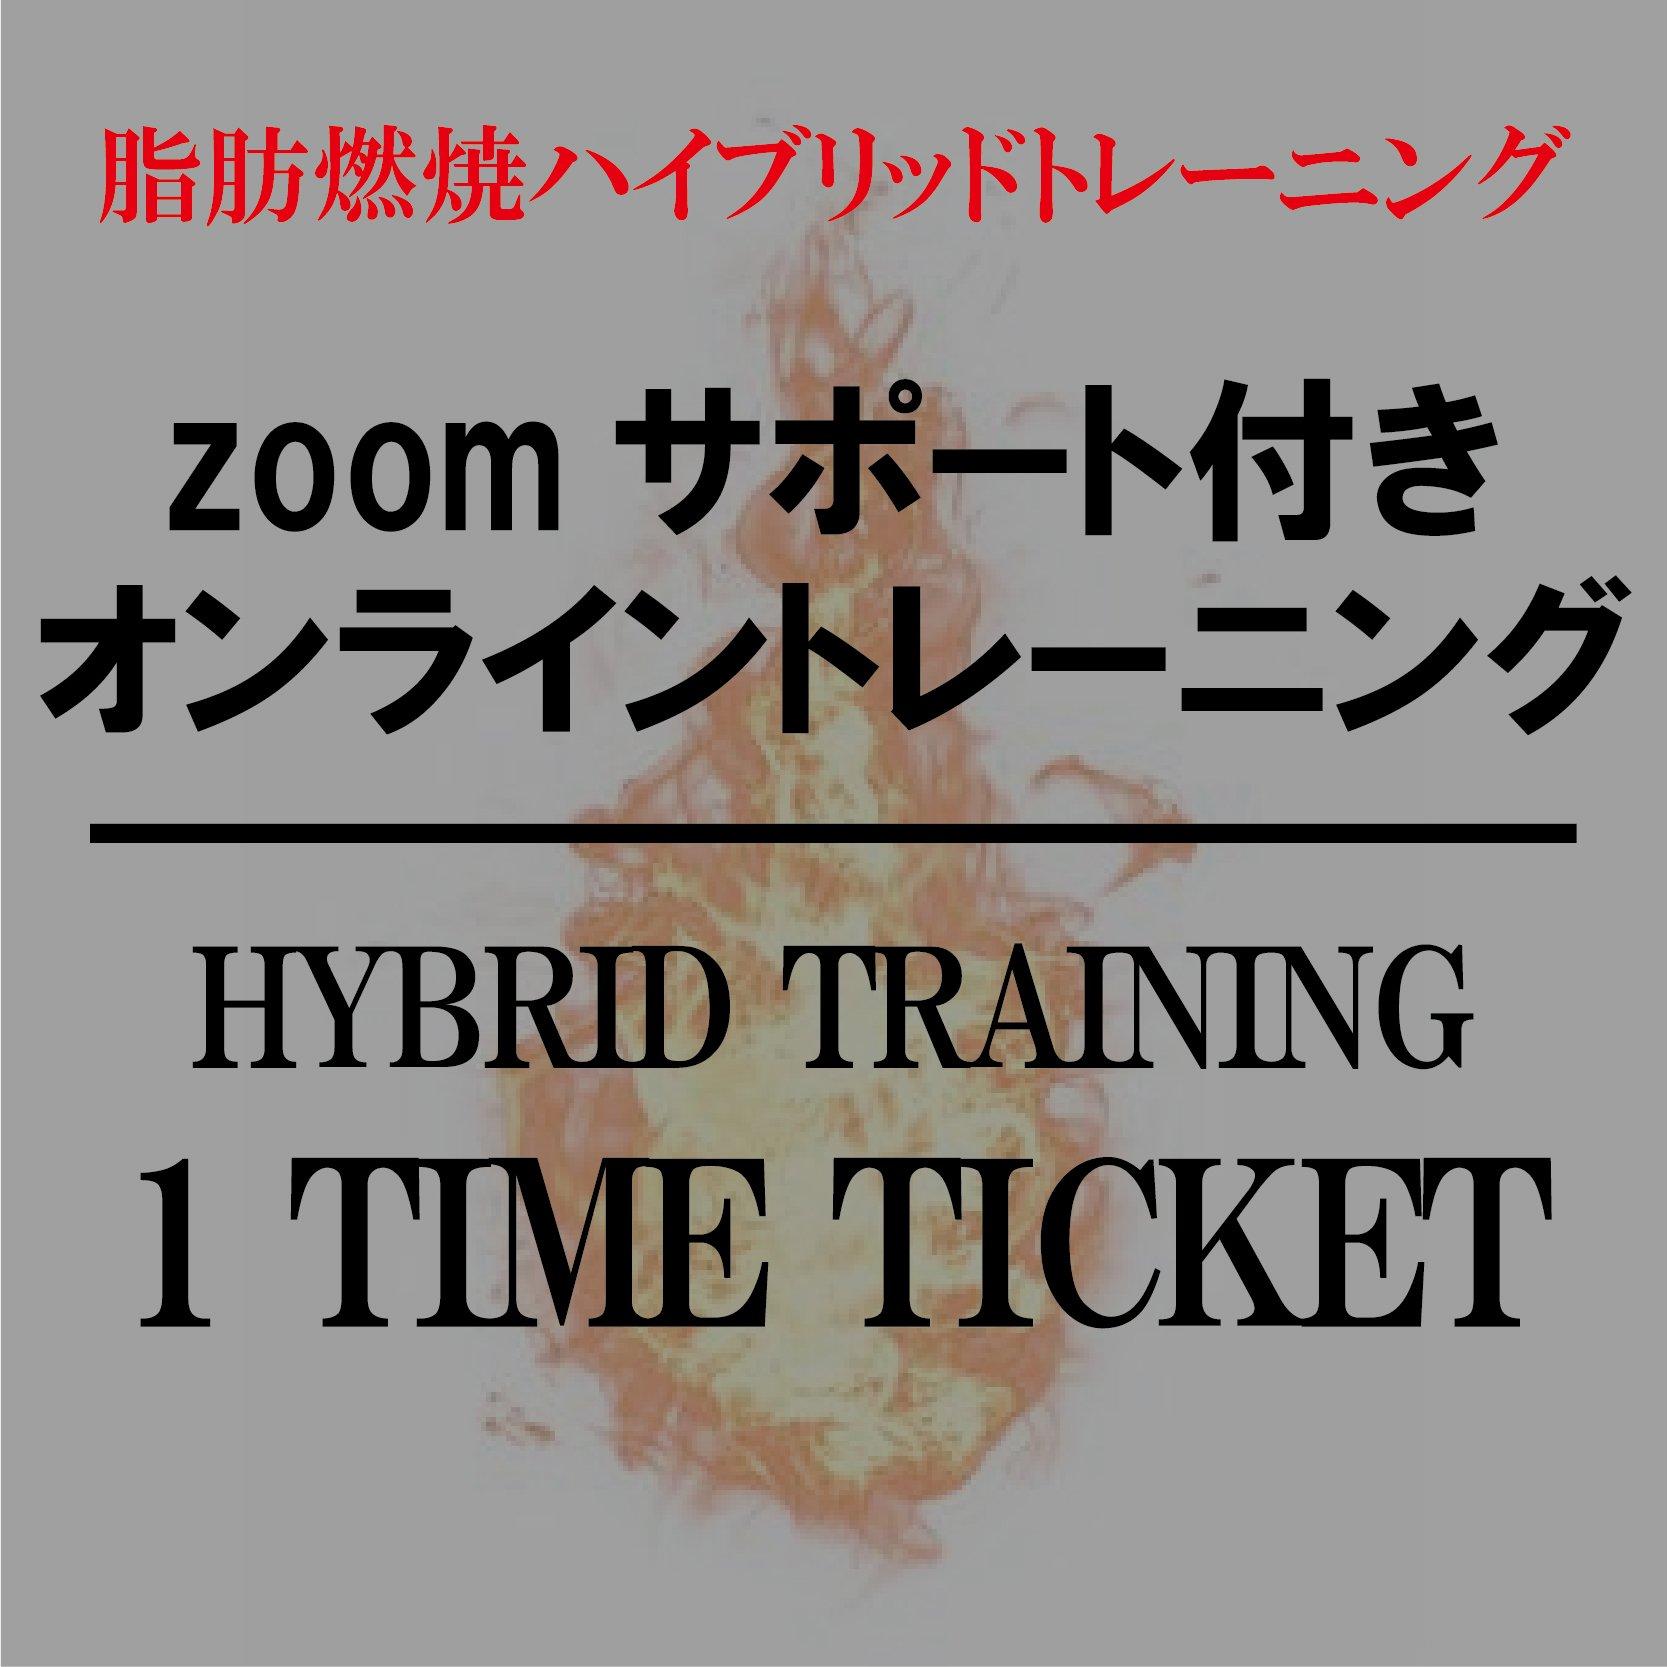 オンライングループトレーニング【zoomサポート付き】|脂肪燃焼ハイブリッドトレーニングのイメージその1